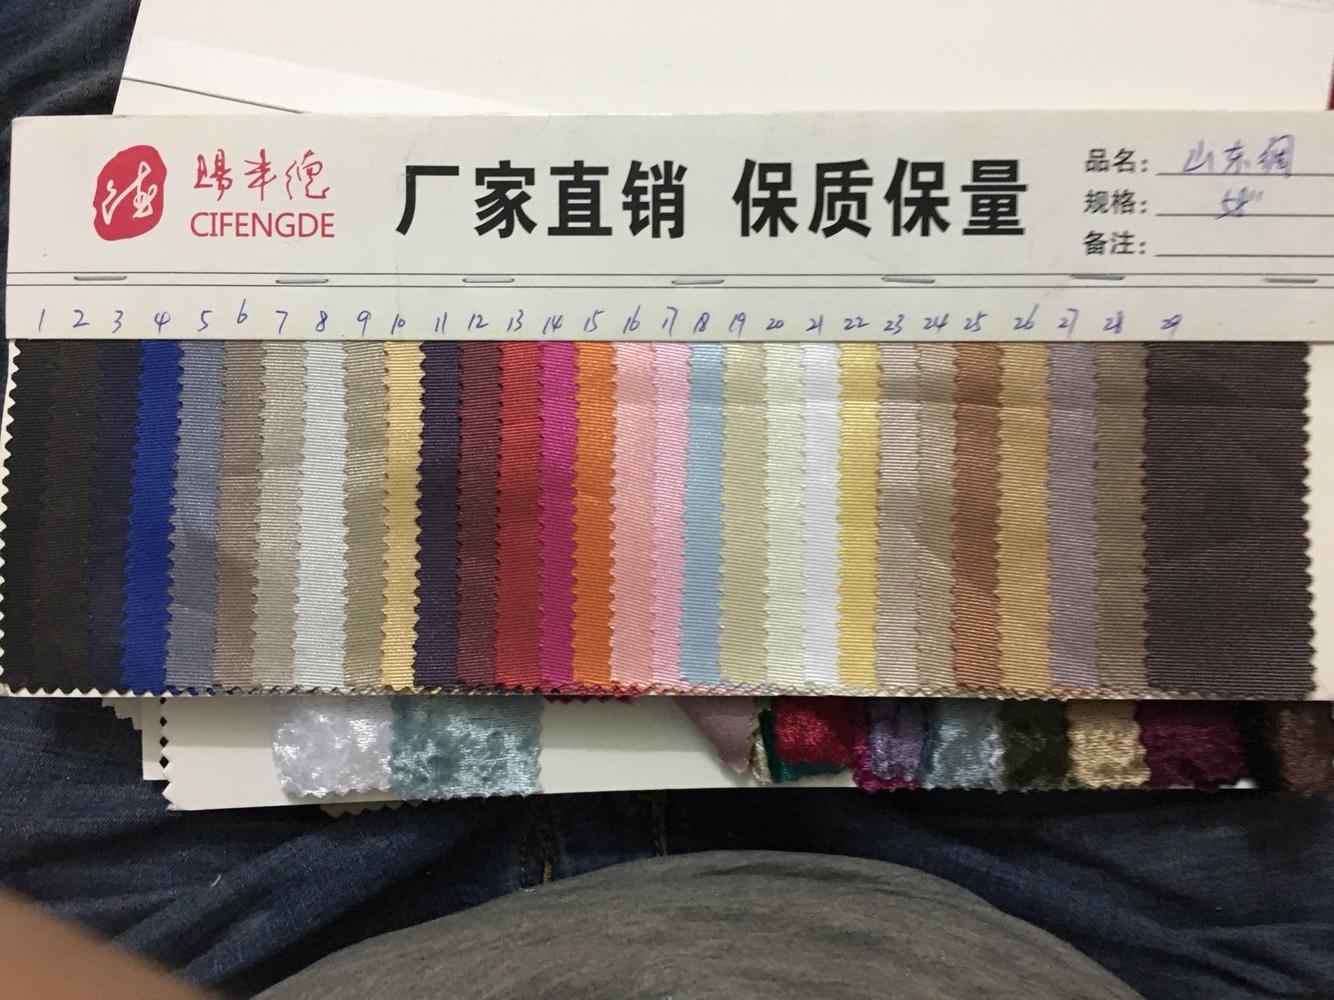 布料 其它 多色 涤纶 色织 鞋面